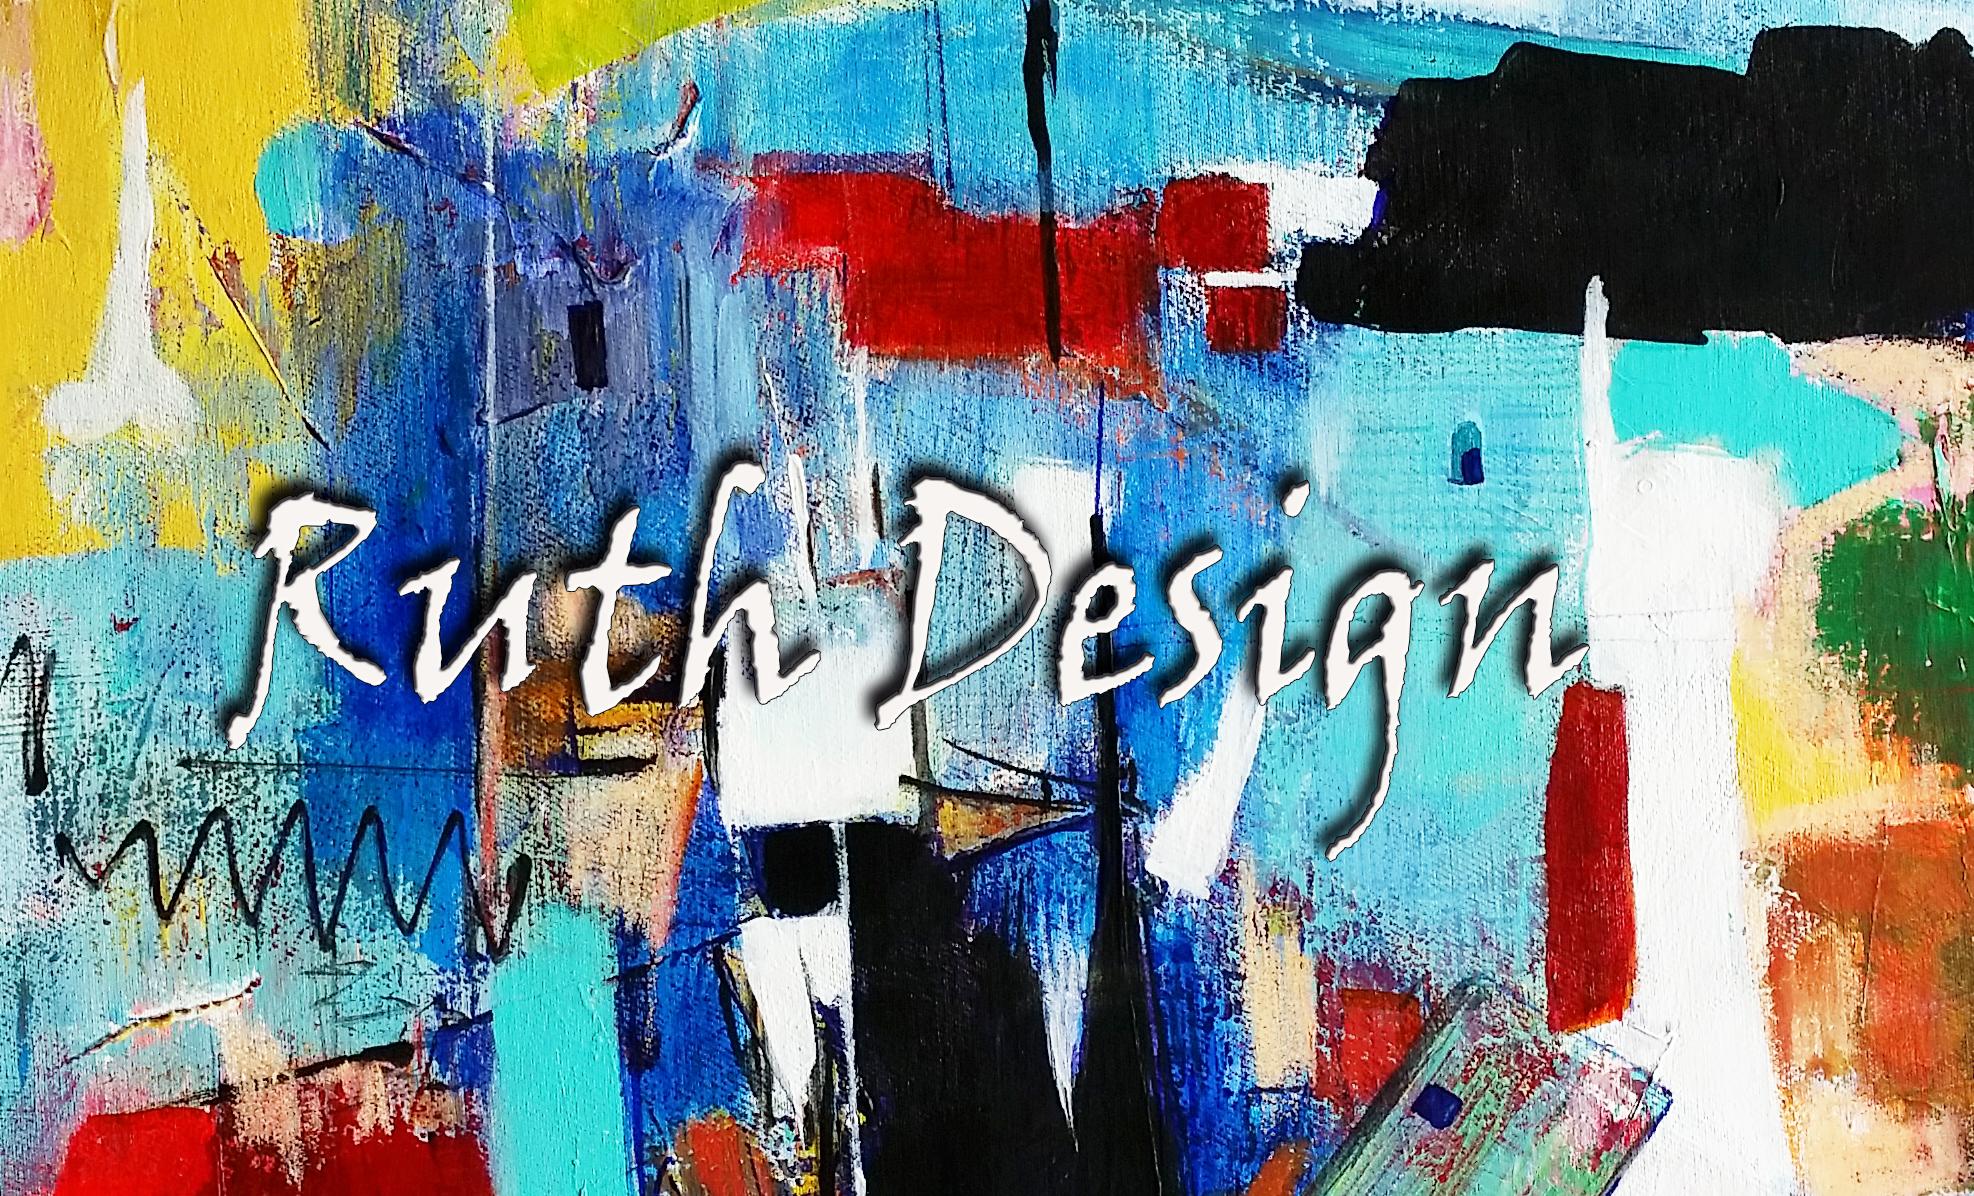 perfil cuadriman - Nuestros artistas